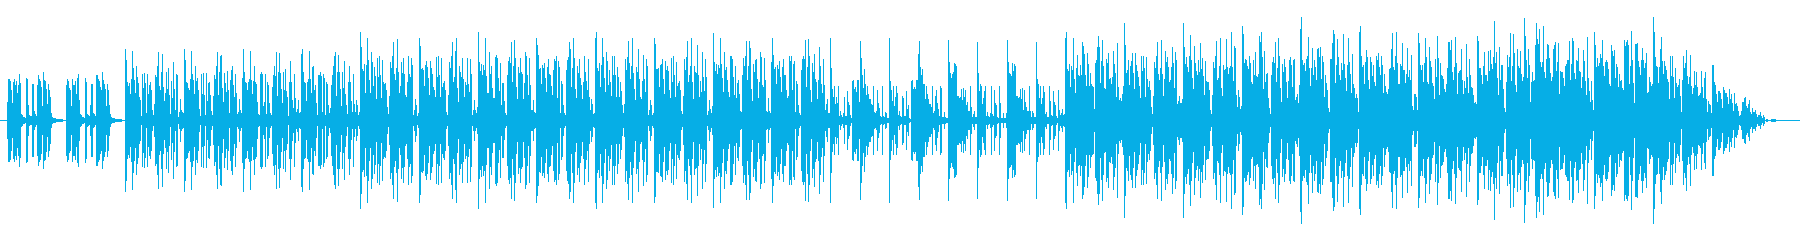 2stepのリズムのクラブミュージック風の再生済みの波形